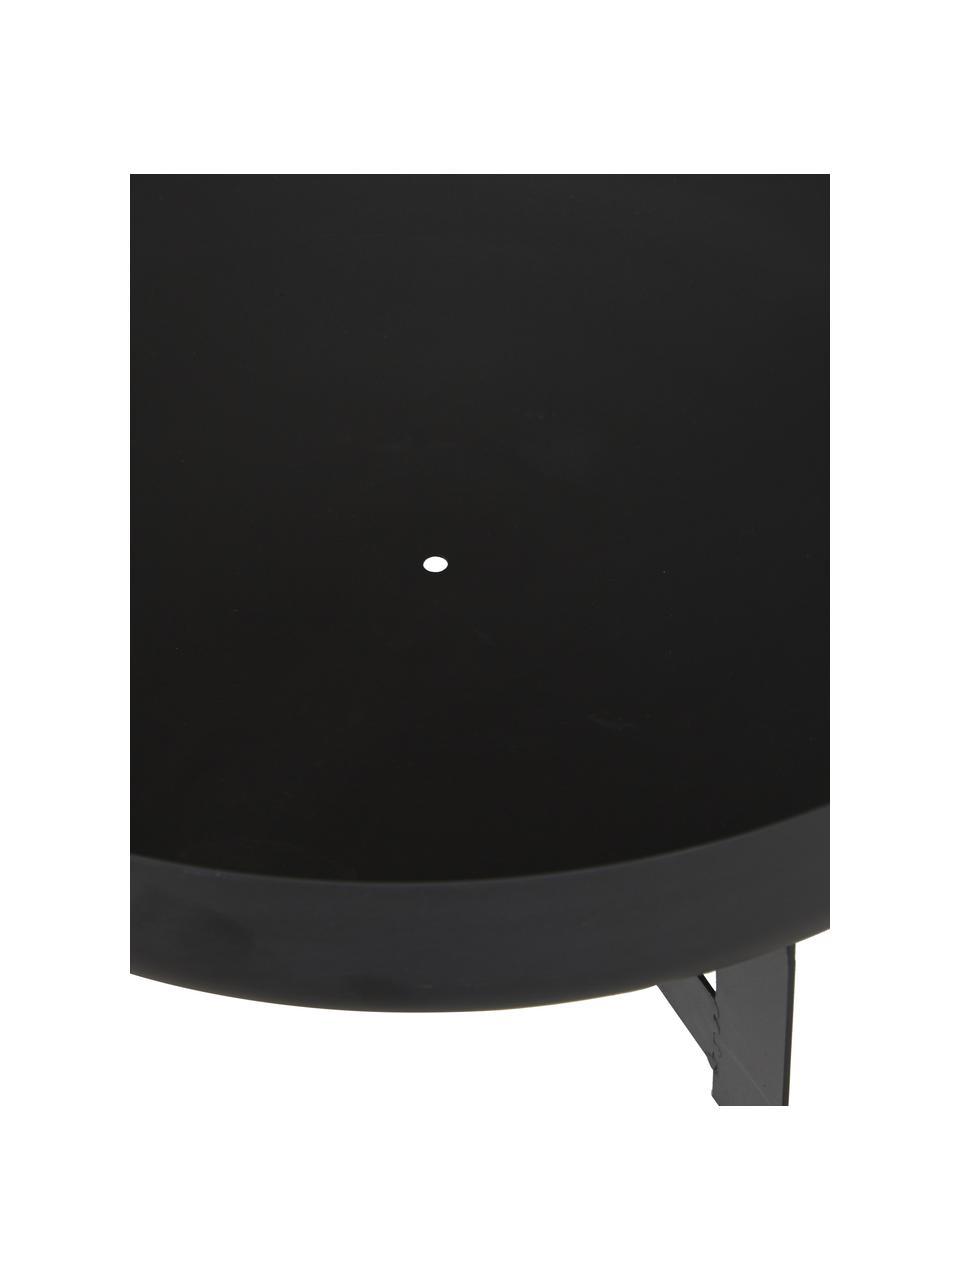 Feuerschale Efesto, Stahl, pulverbeschichtet, hochtemperaturbeständig, Schwarz, Ø 60 x H 24 cm